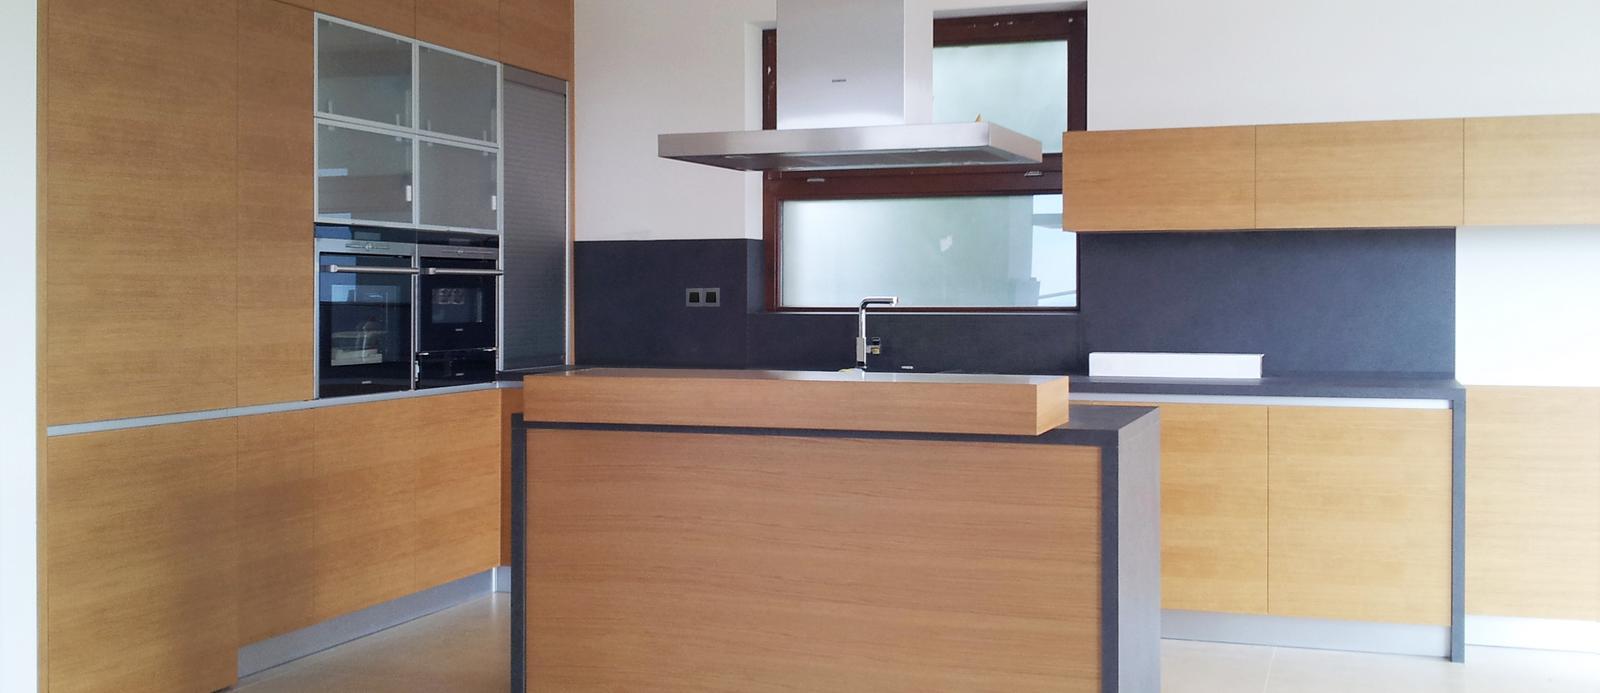 Dizajn a výroba nábytku na mieru Cubica - Dubová kuchyňa s pultom - dizajn a výroba cubica